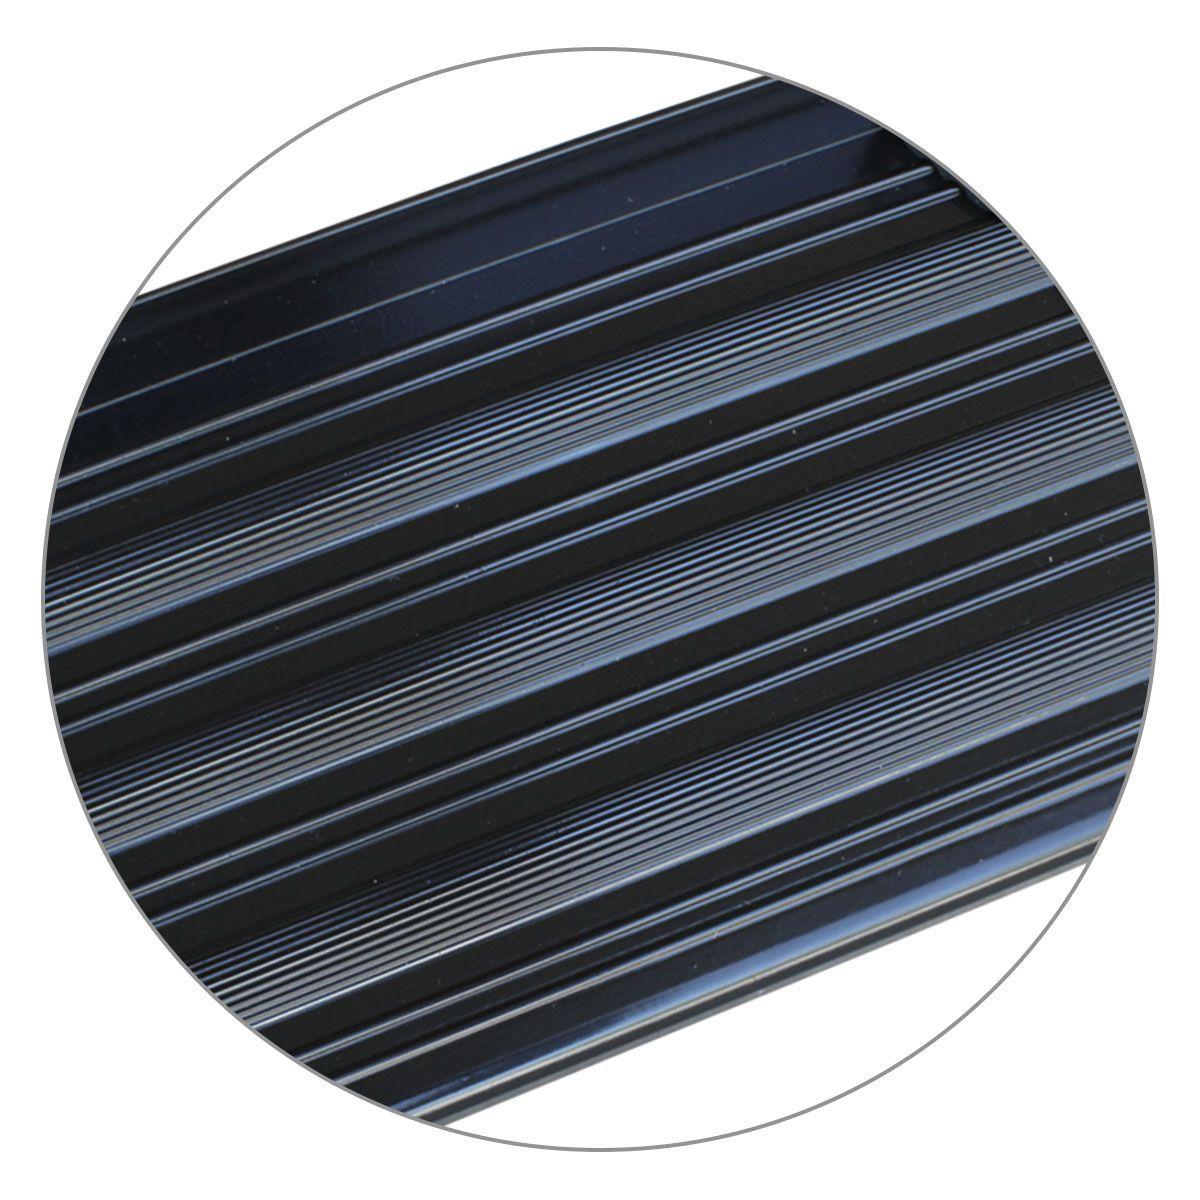 Estribo Lateral Amarok CS 2010 a 2019 Aluminio Preto A3